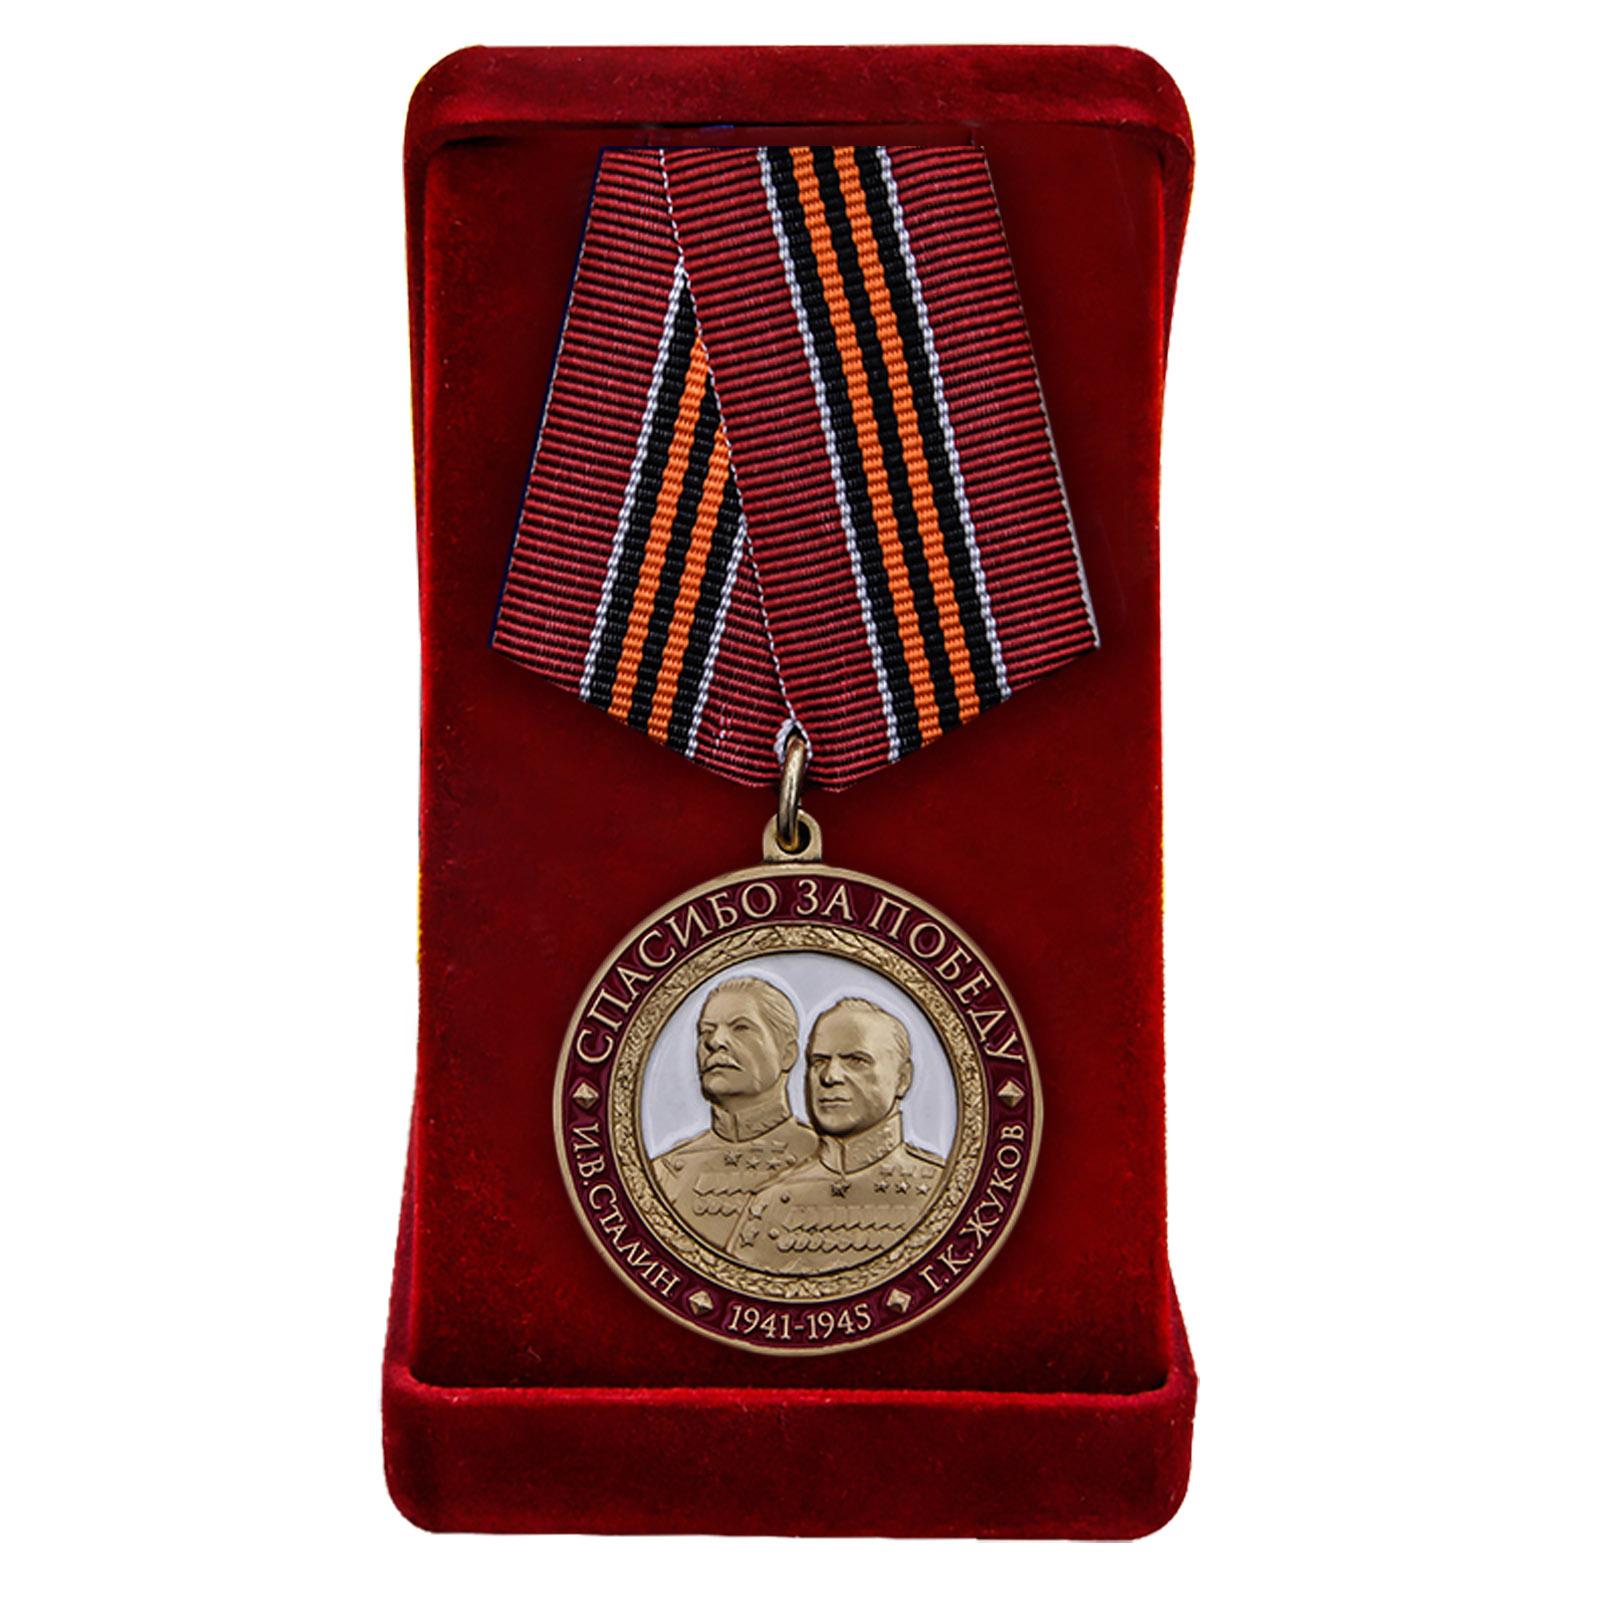 """Купить памятную медаль """"Спасибо за Победу"""" в бархатистом красном футляре с доставкой"""